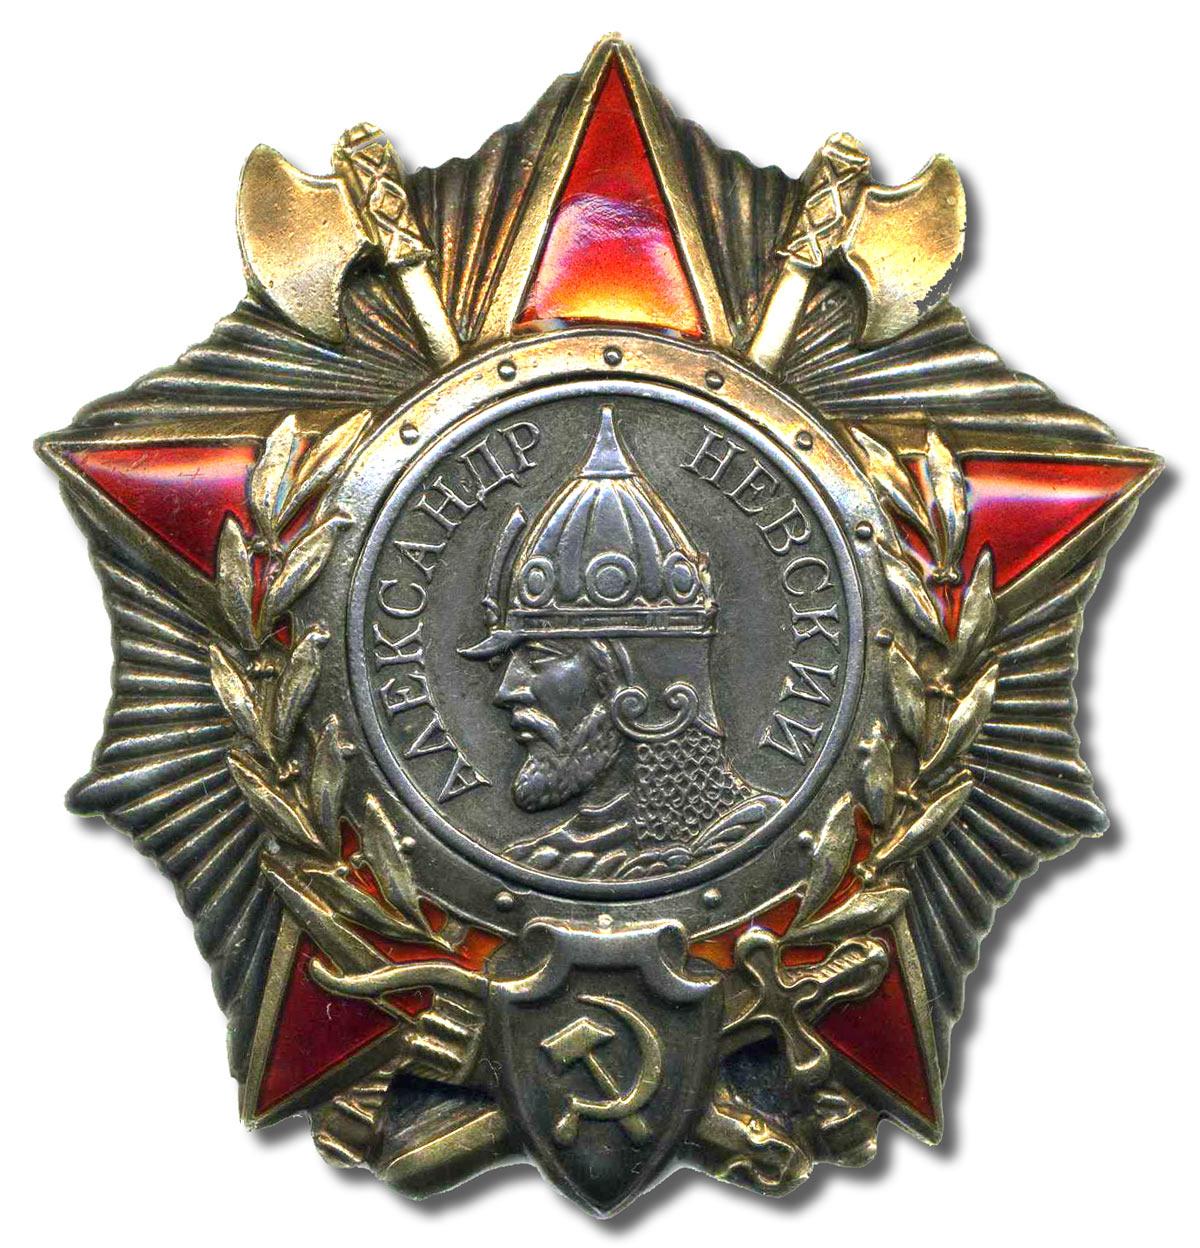 Орден Александра Невского, цена на черном рынке